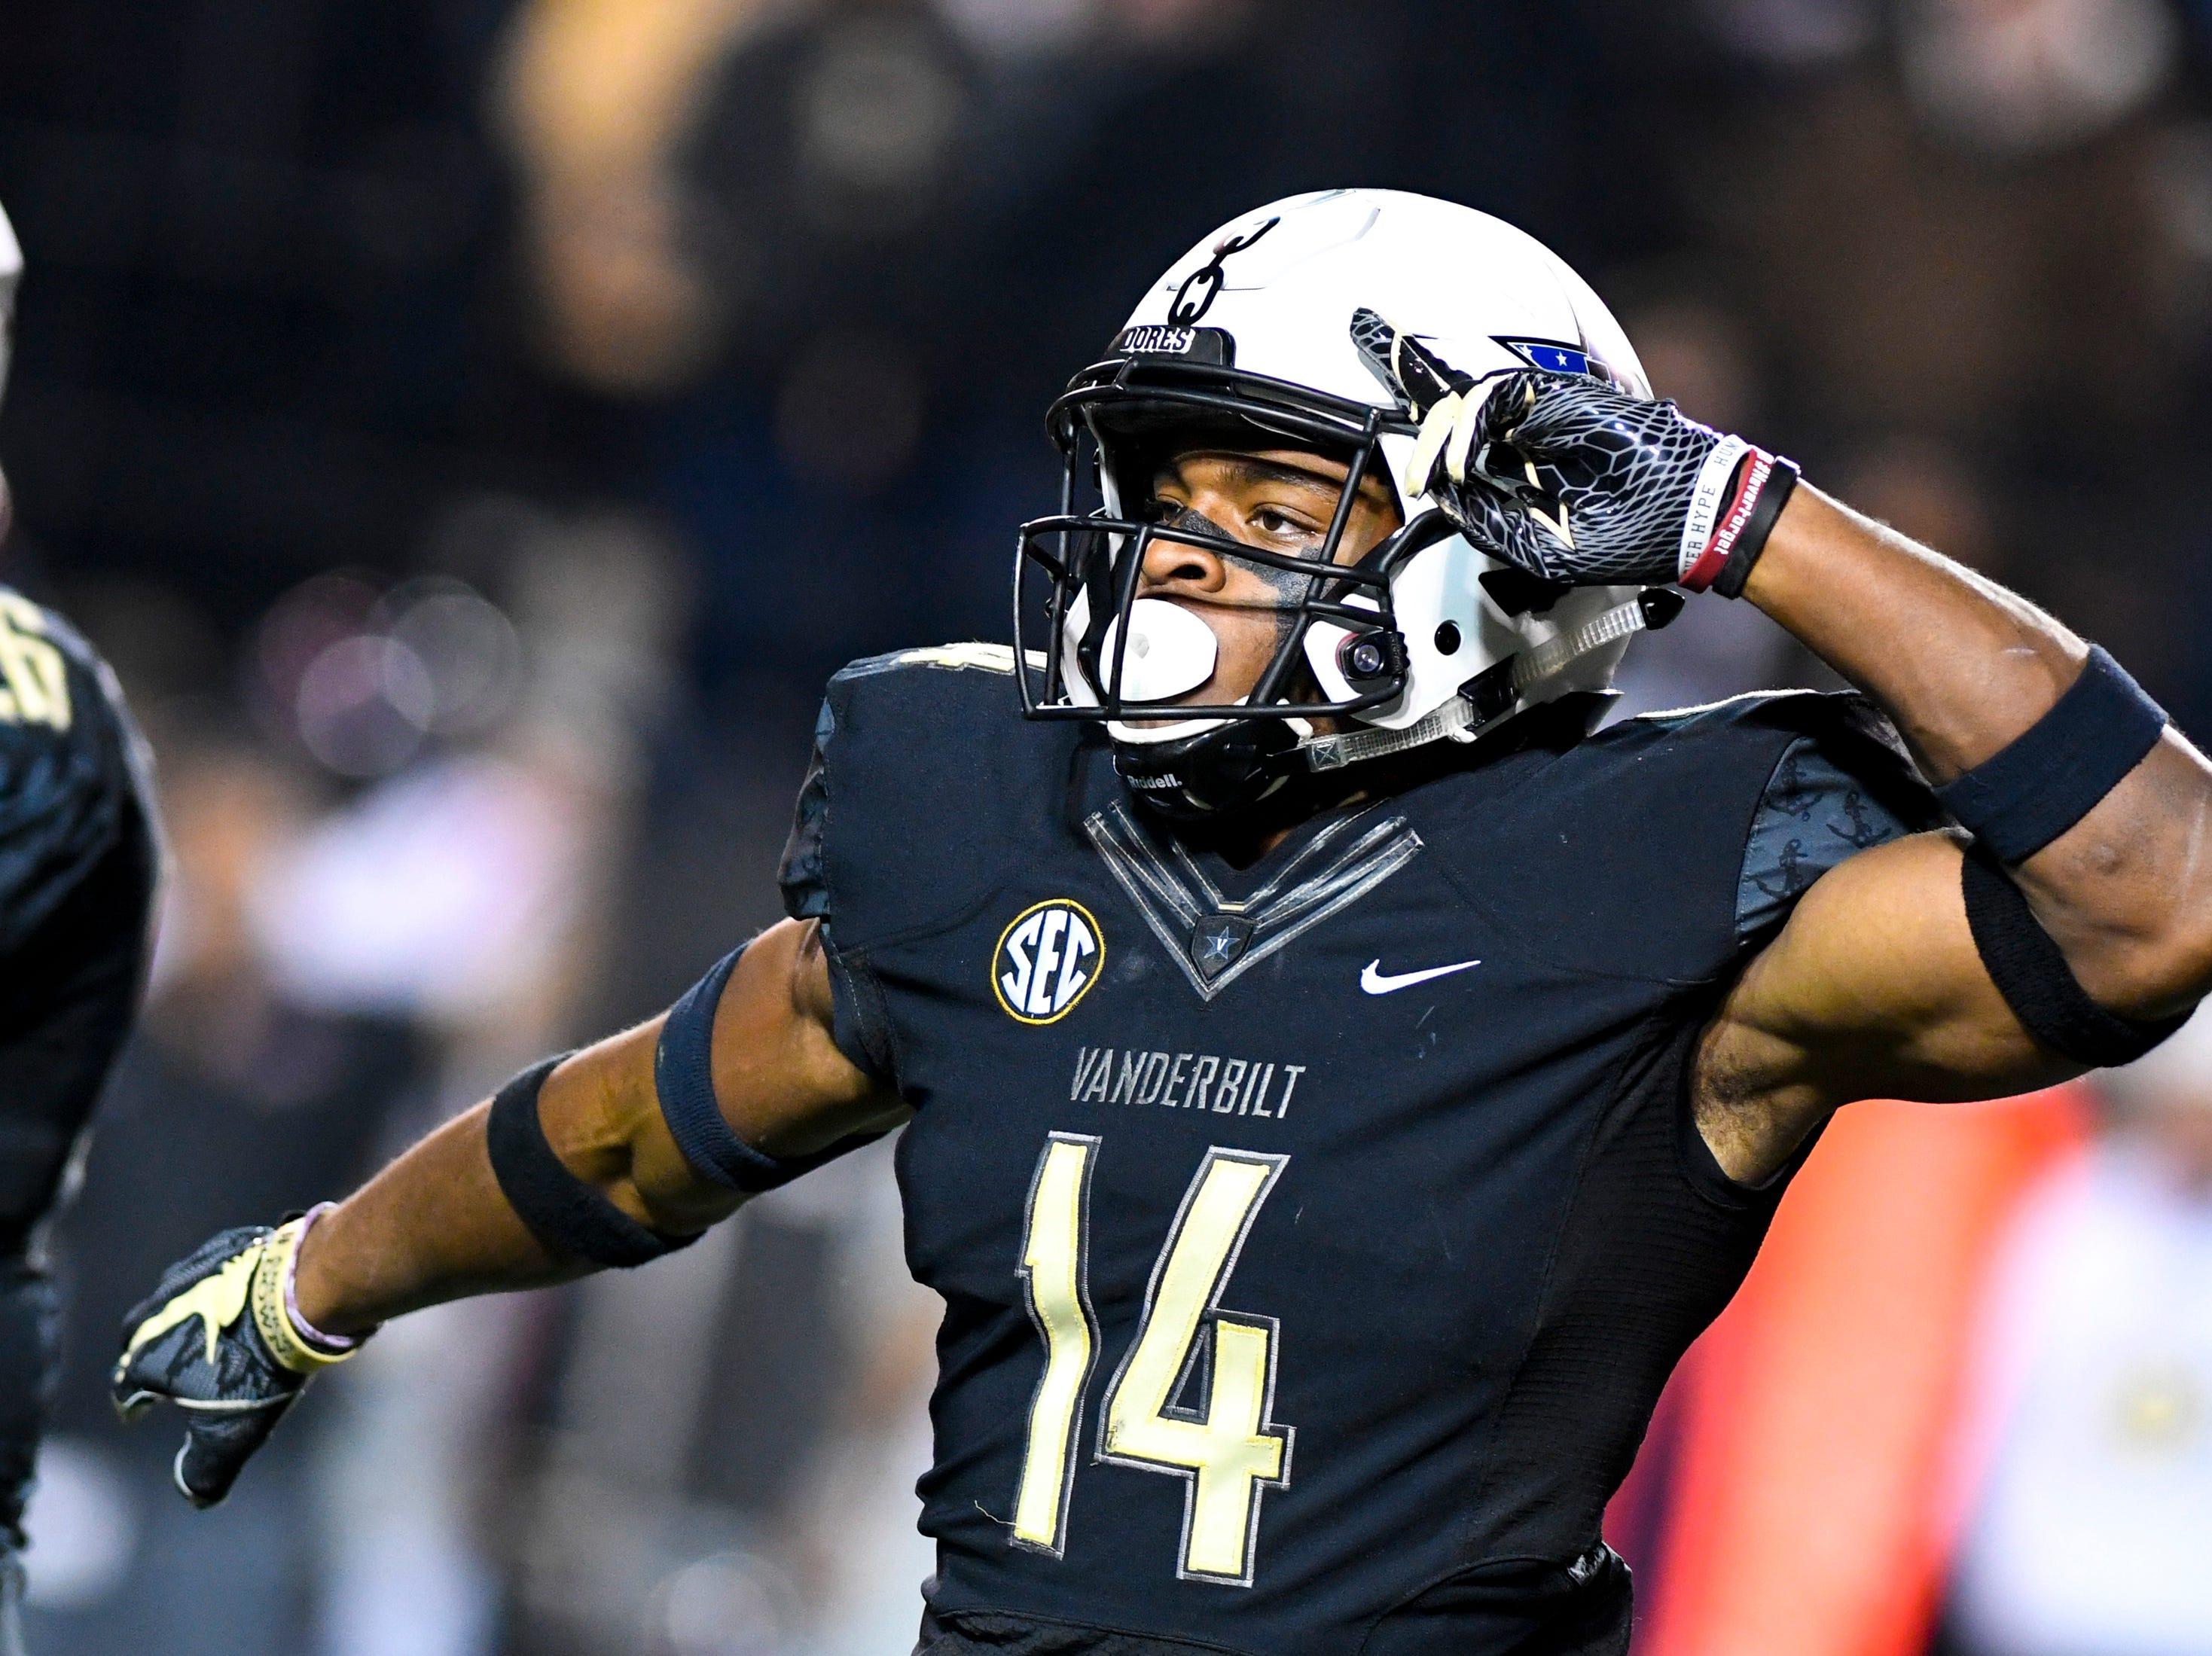 Vanderbilt defensive back Max Worship (14) celebrates after a safety during Vanderbilt's game against Ole Miss at Vanderbilt Stadium in Nashville on Saturday, Nov. 17, 2018.